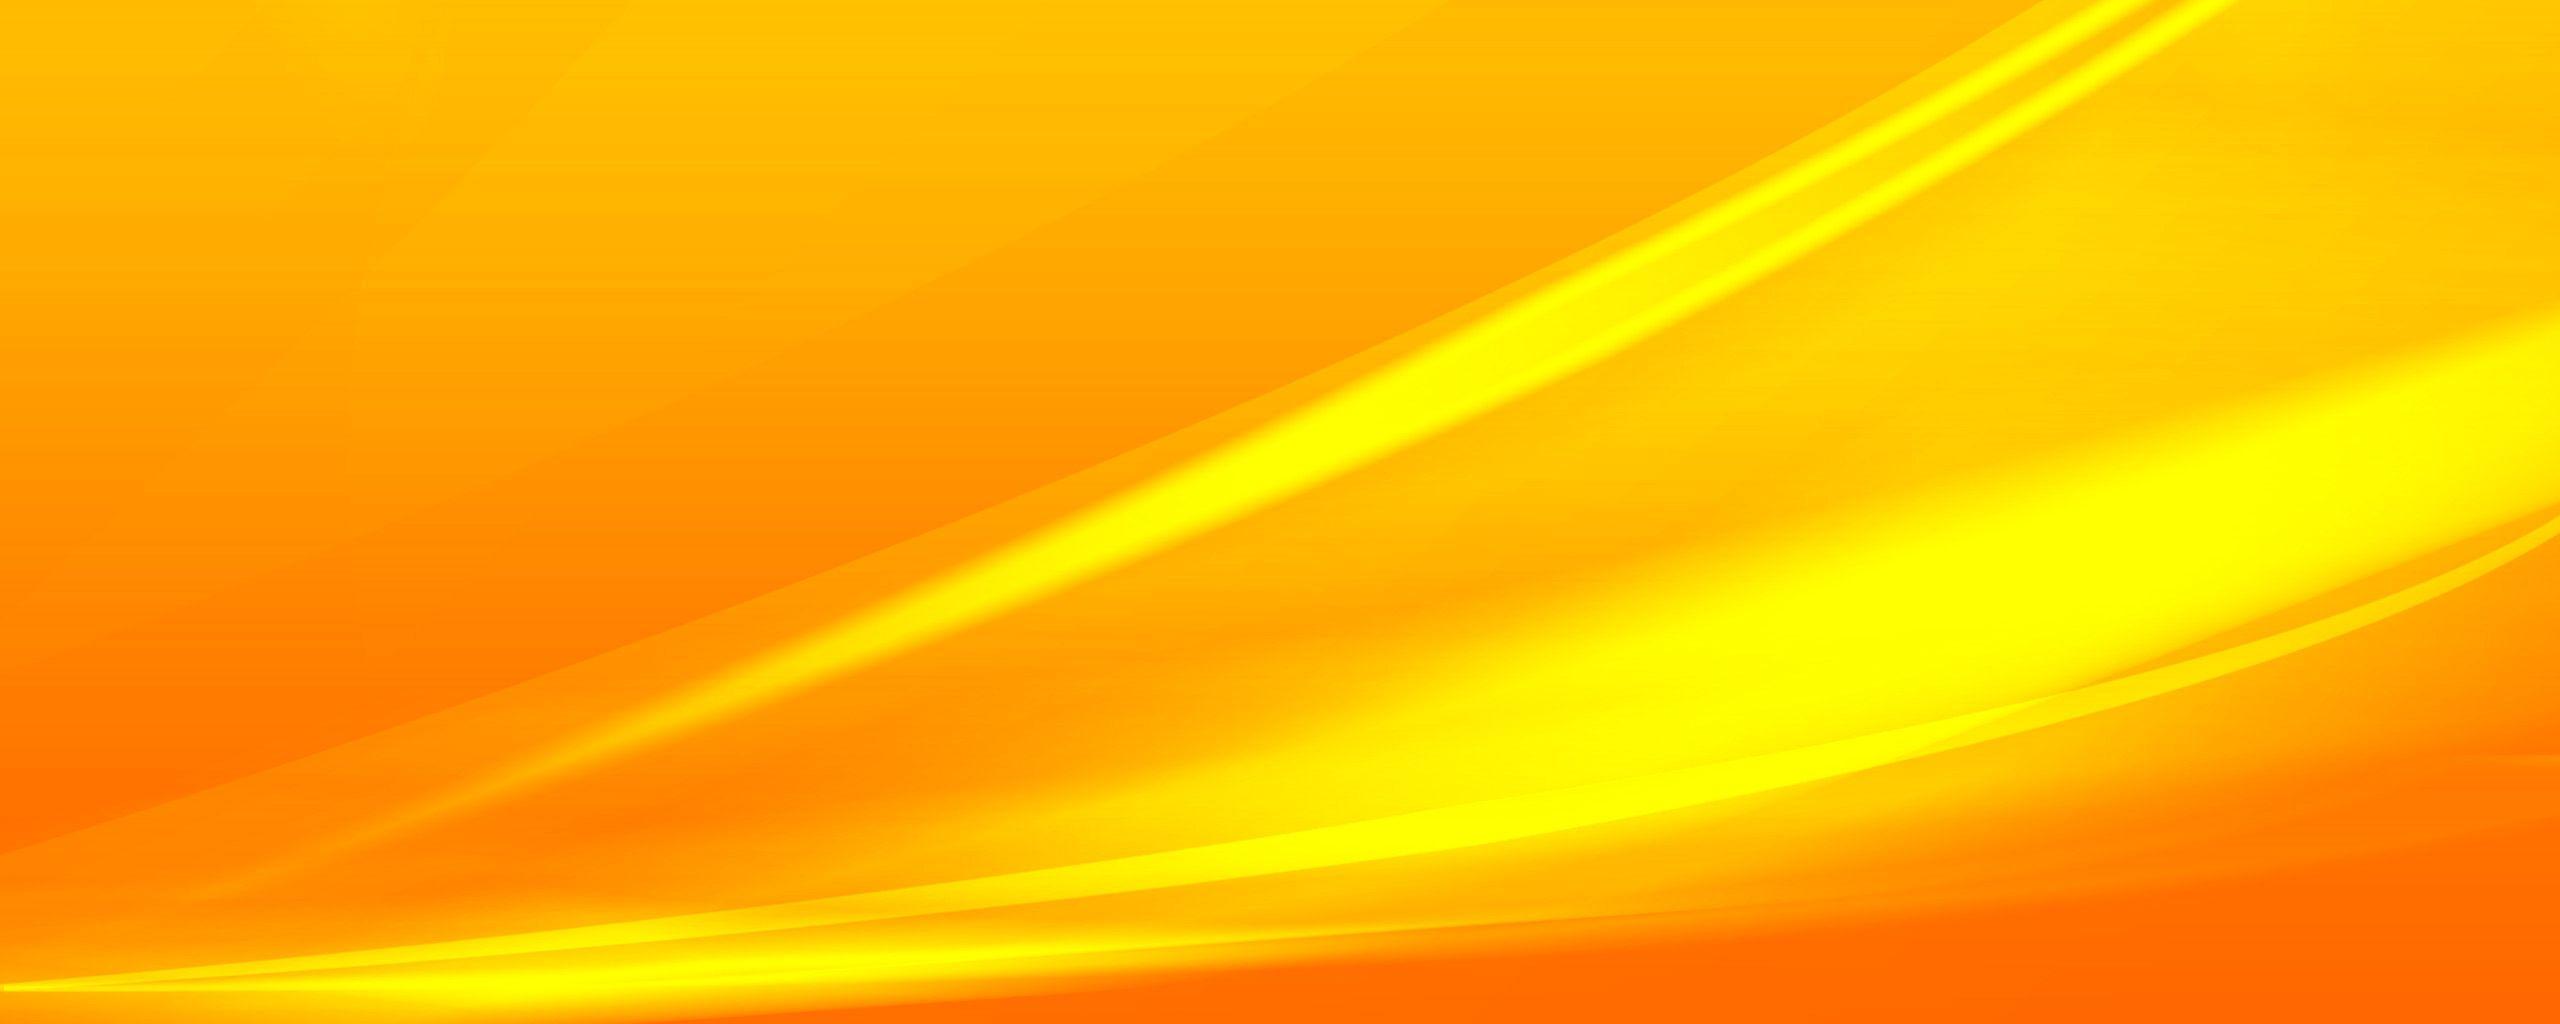 картинка ярко желтый фон